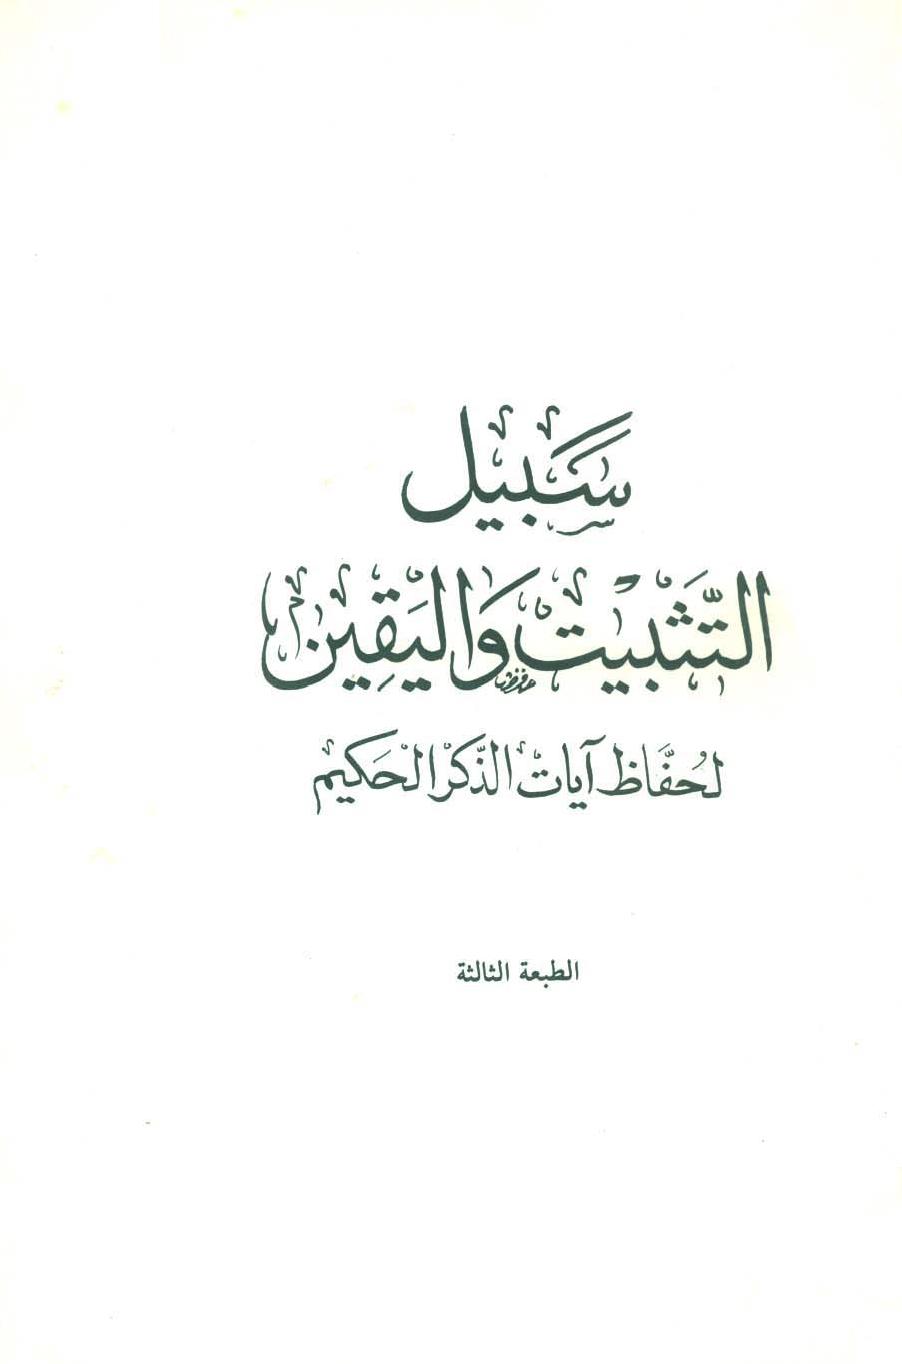 تحميل كتاب سبيل التثبيت واليقين لحفاظ آيات الذكر الحكيم لـِ: عبد الحميد رسمي صفي الدين